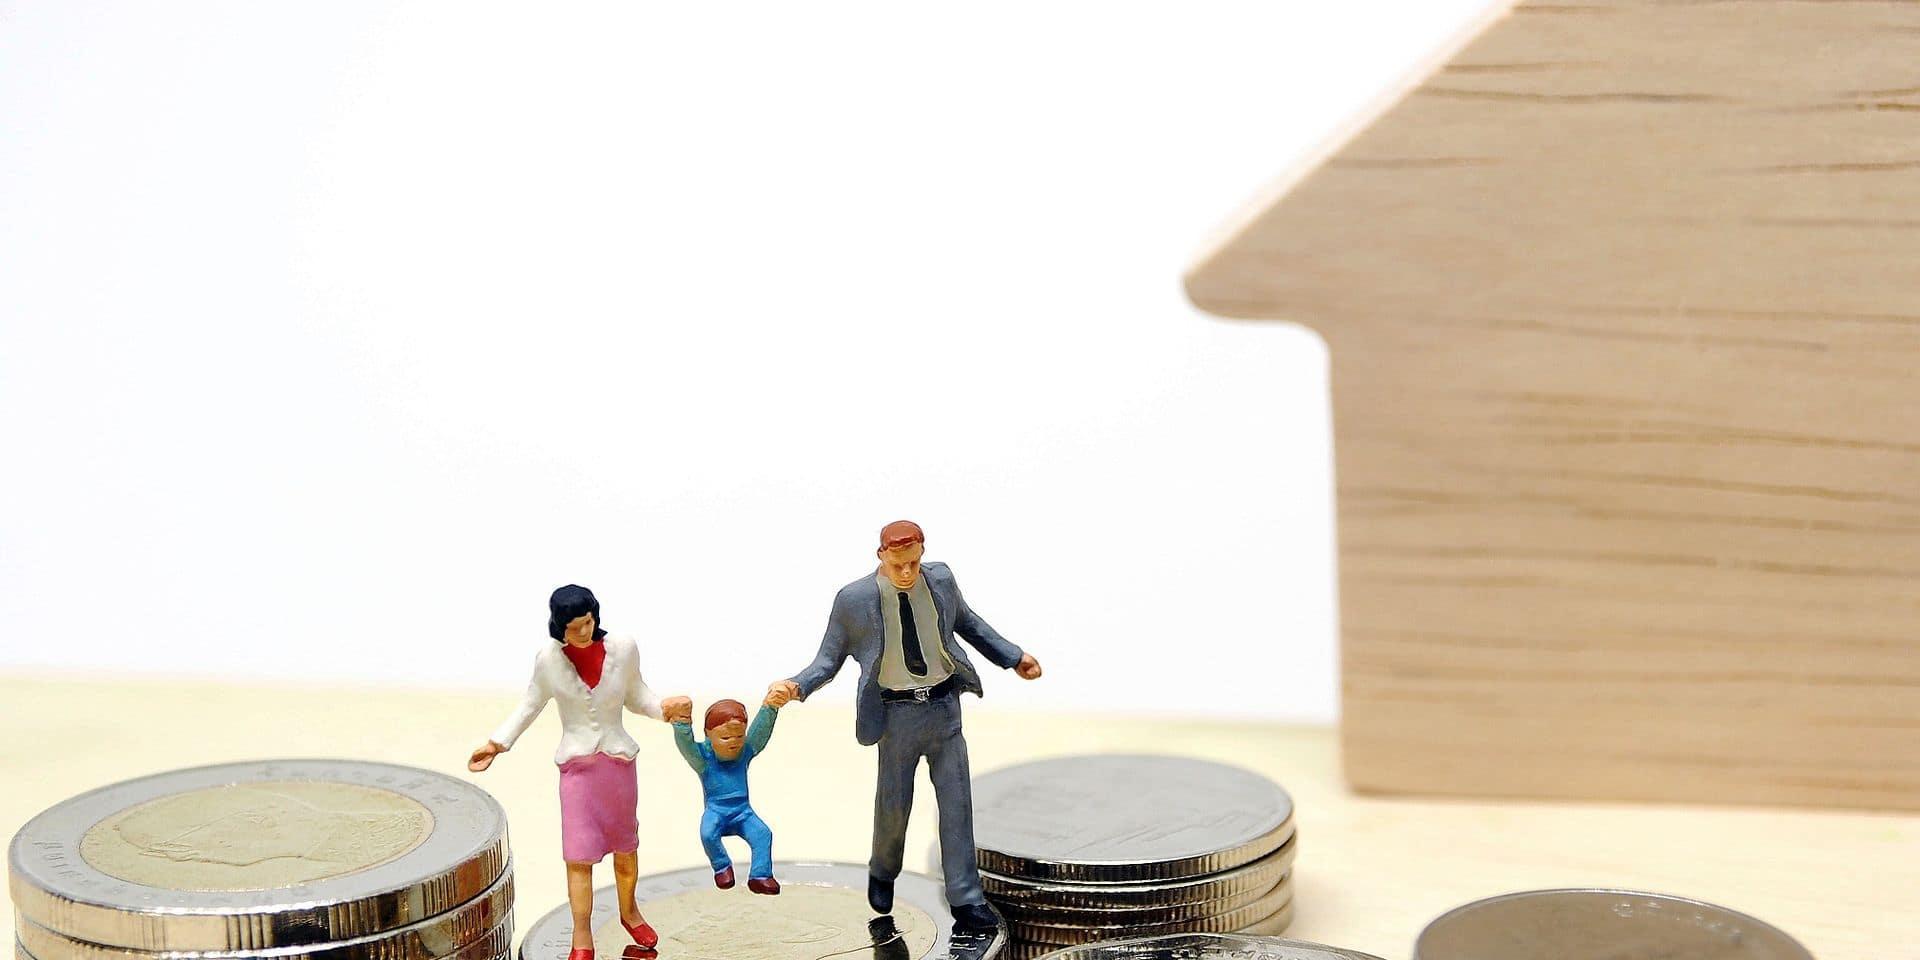 Rentrée scolaire: 74% des parents dépensent plus de 100 euros par enfant